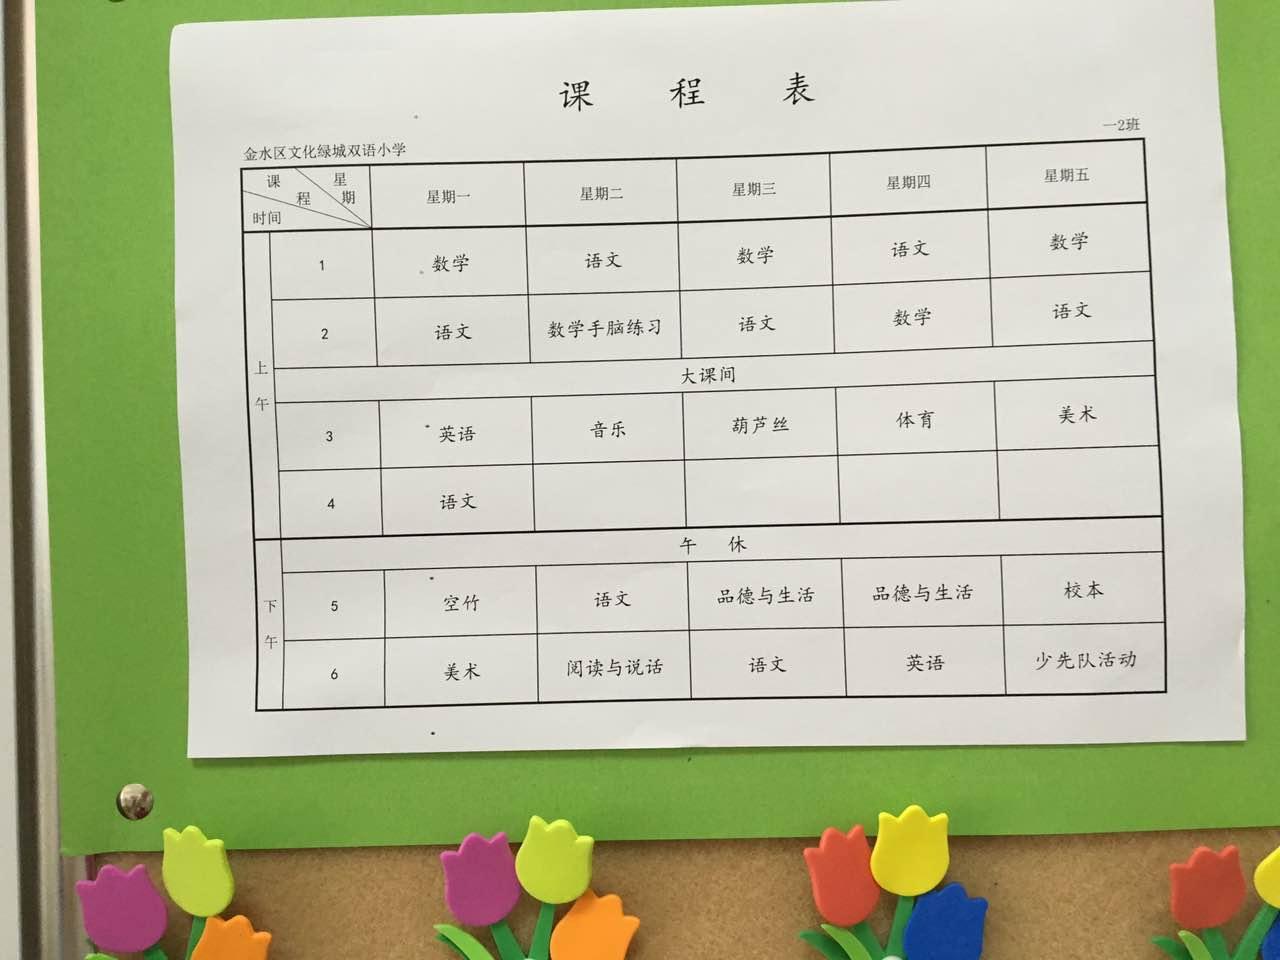 郑州市小学绿城文化小学国际v小学(2)信息树人学校图片